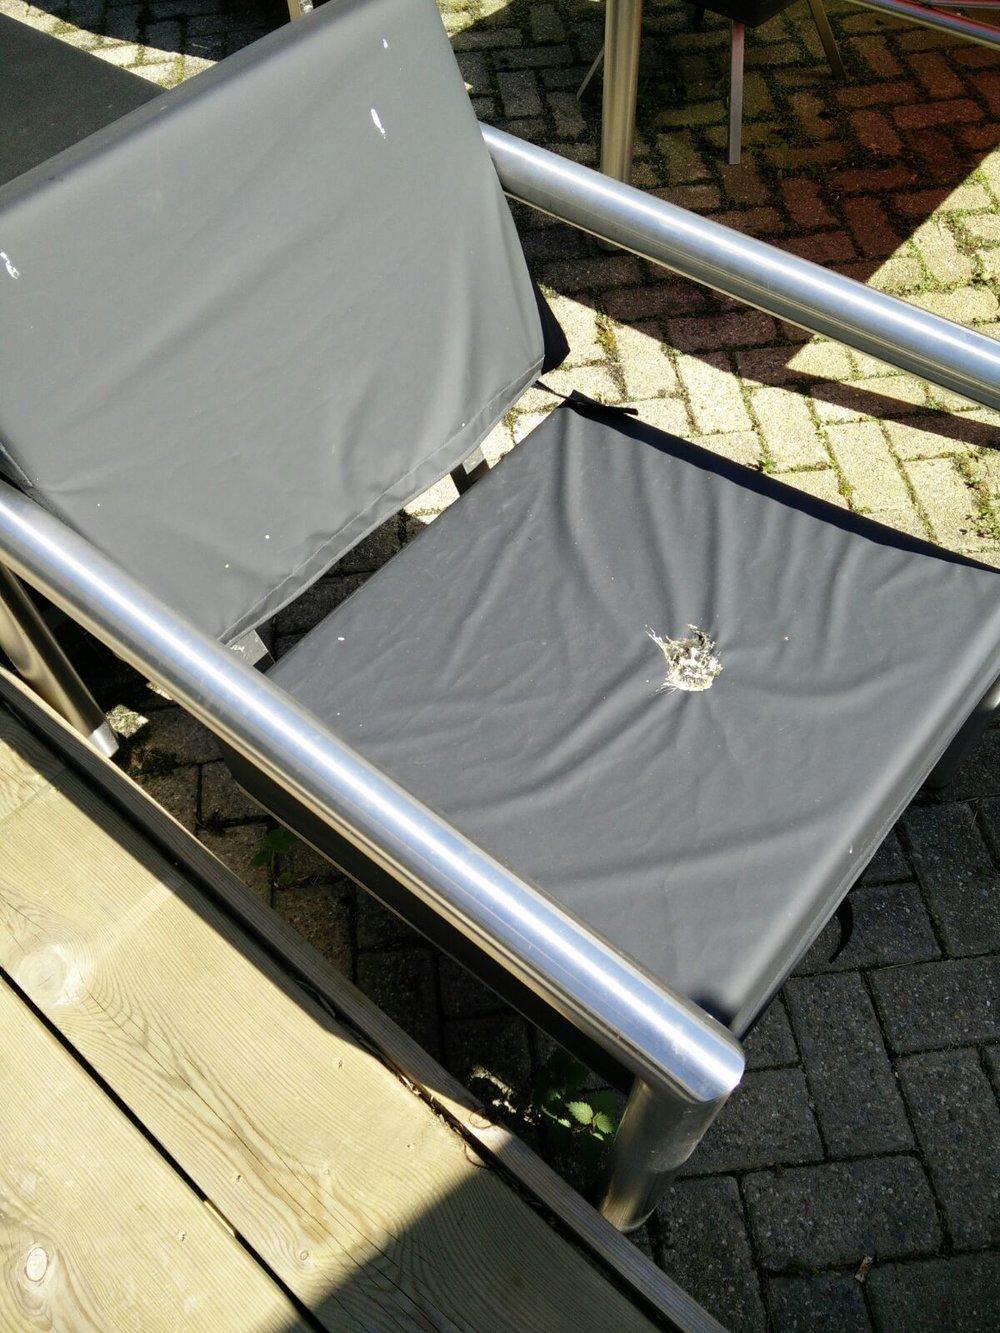 bescherming tegen vuil uit de lucht